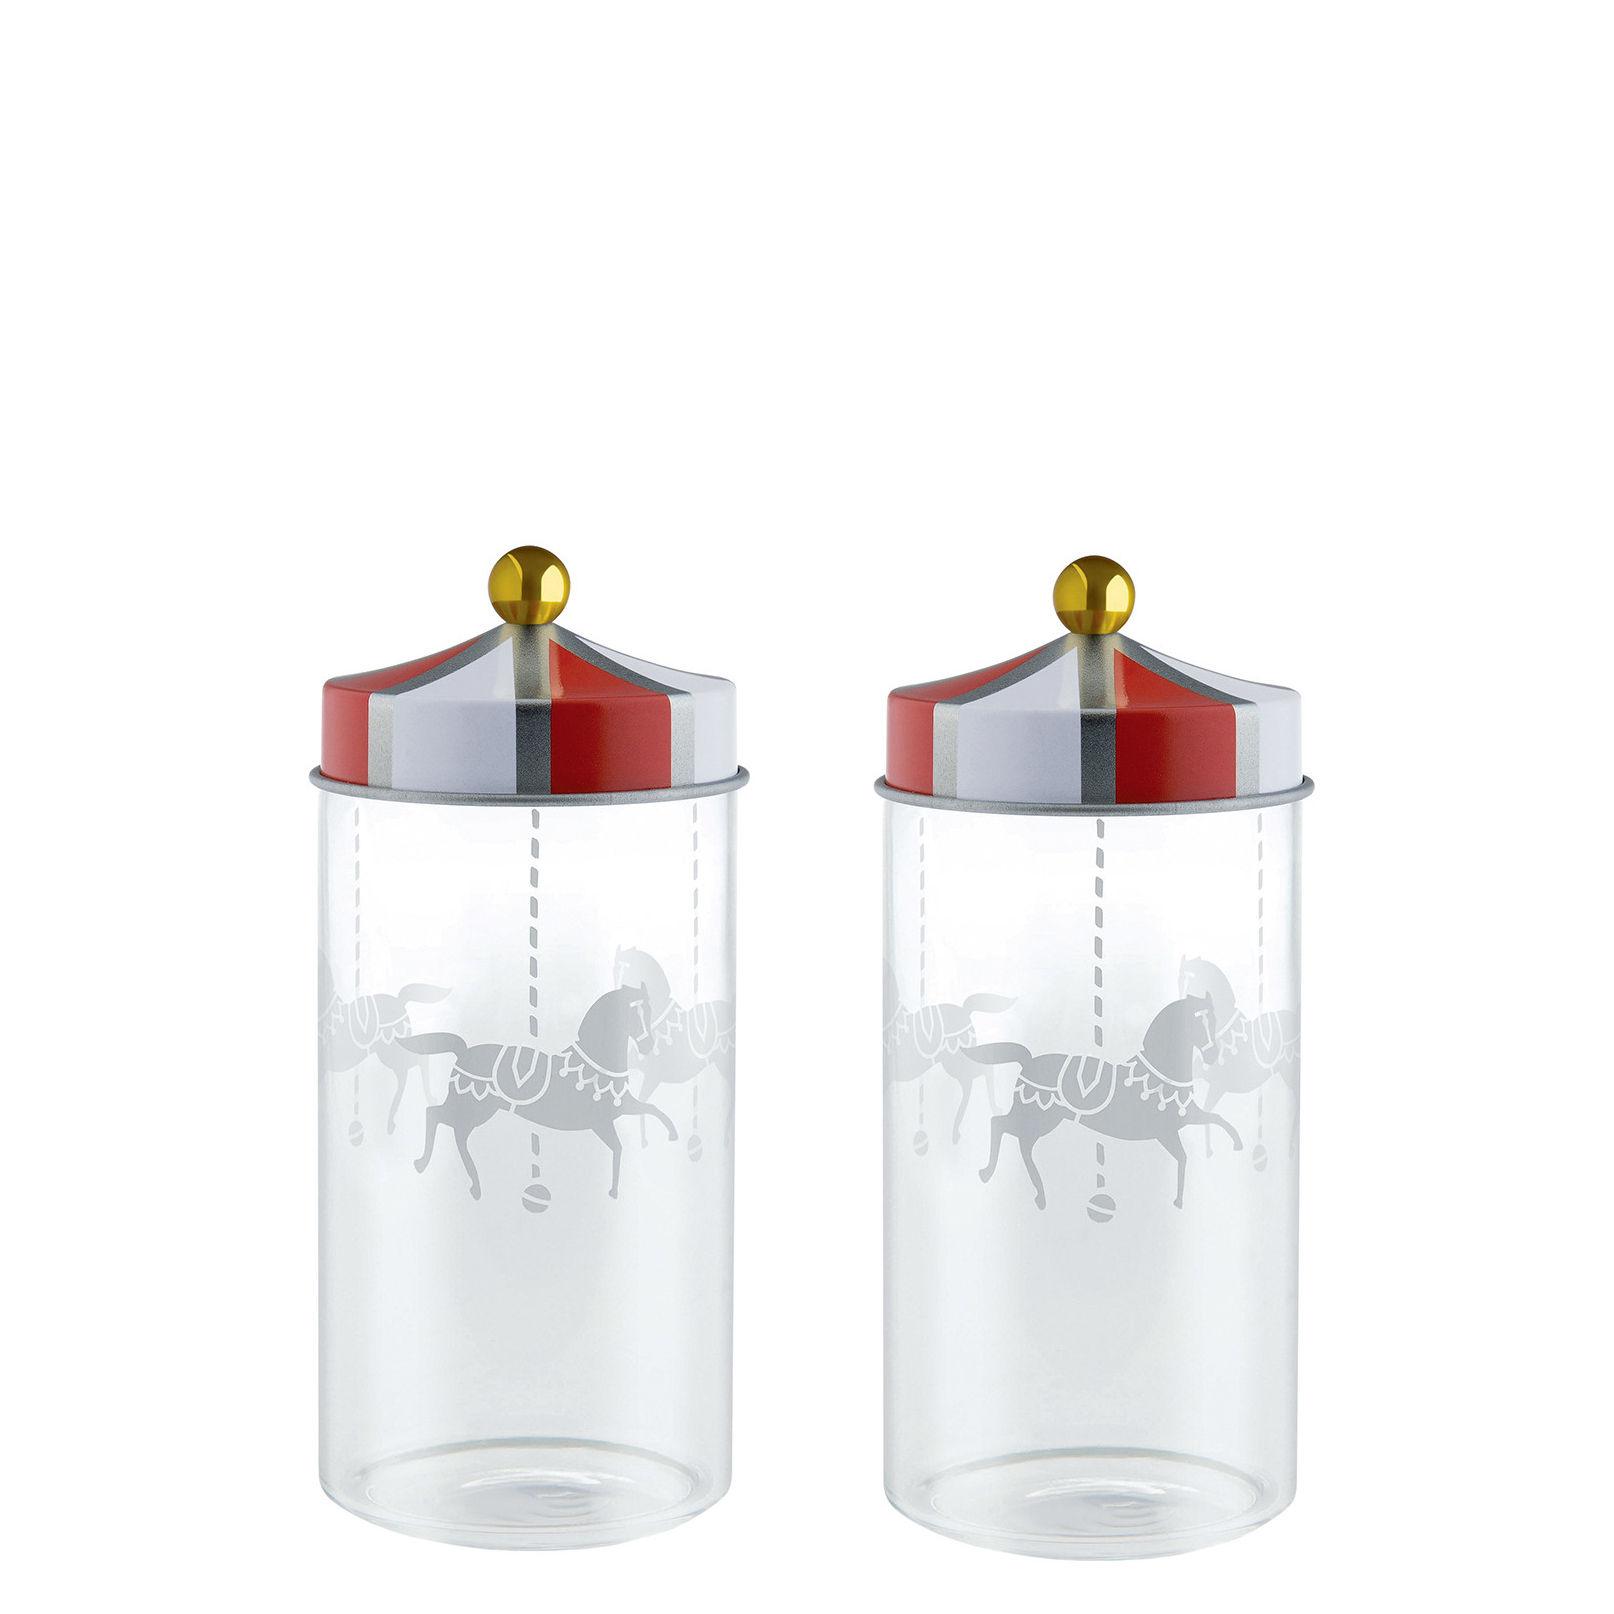 Cuisine - Boîtes, pots et bocaux - Bocal hermétique Circus / Set de 2 - 14 cl - Pour épices - Alessi - Rouge & blanc - Fer blanc, Verre sérigraphié